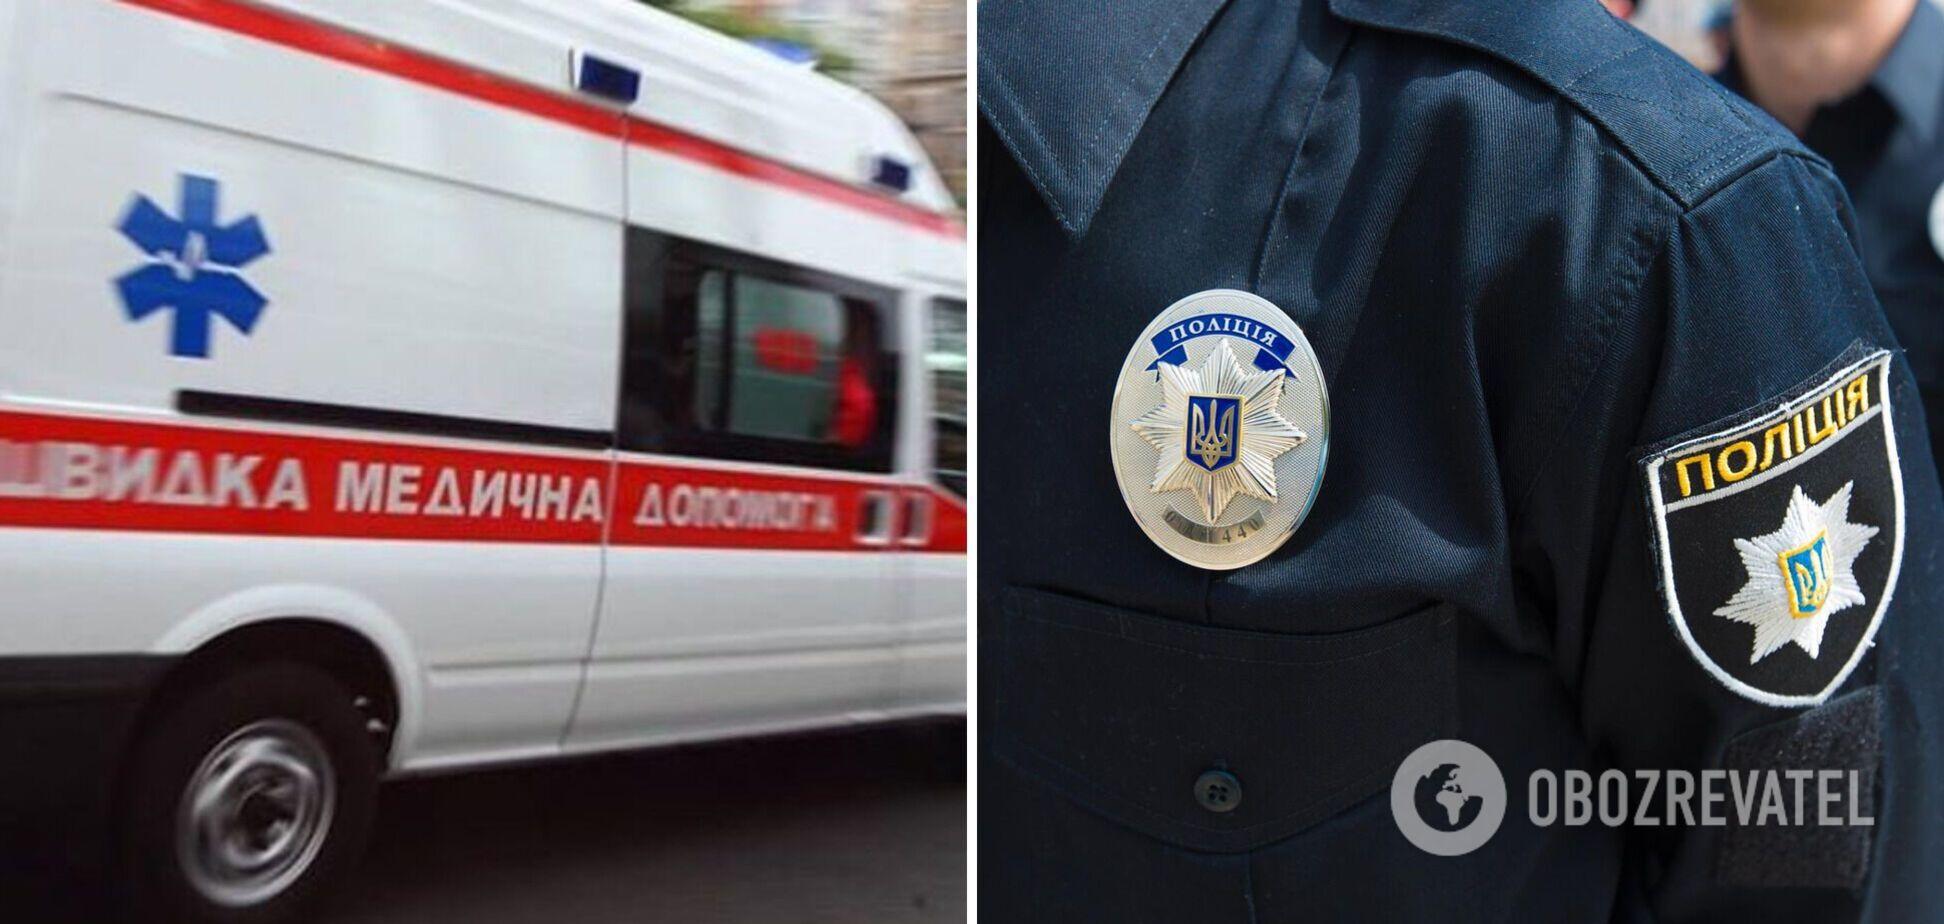 У Запоріжжі конфлікт у ресторані обернувся вбивством: загинув 21-річний хлопець